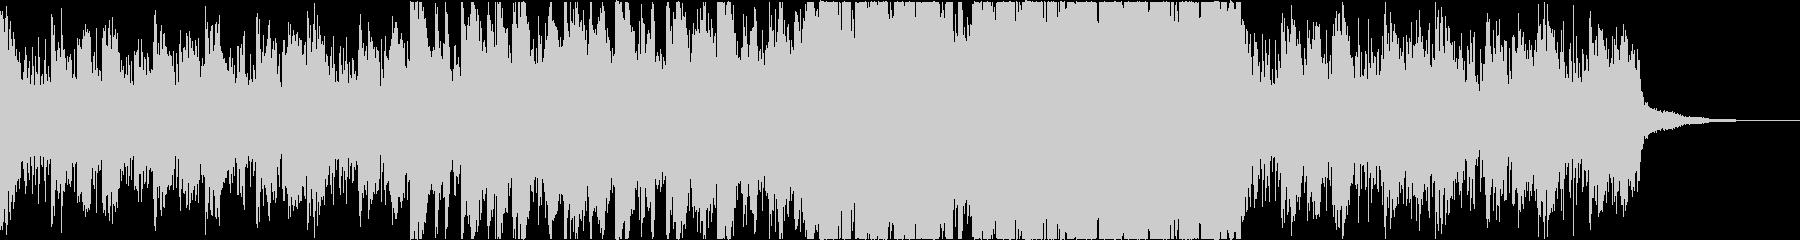 ゲームクエストなどを進行していくような曲の未再生の波形